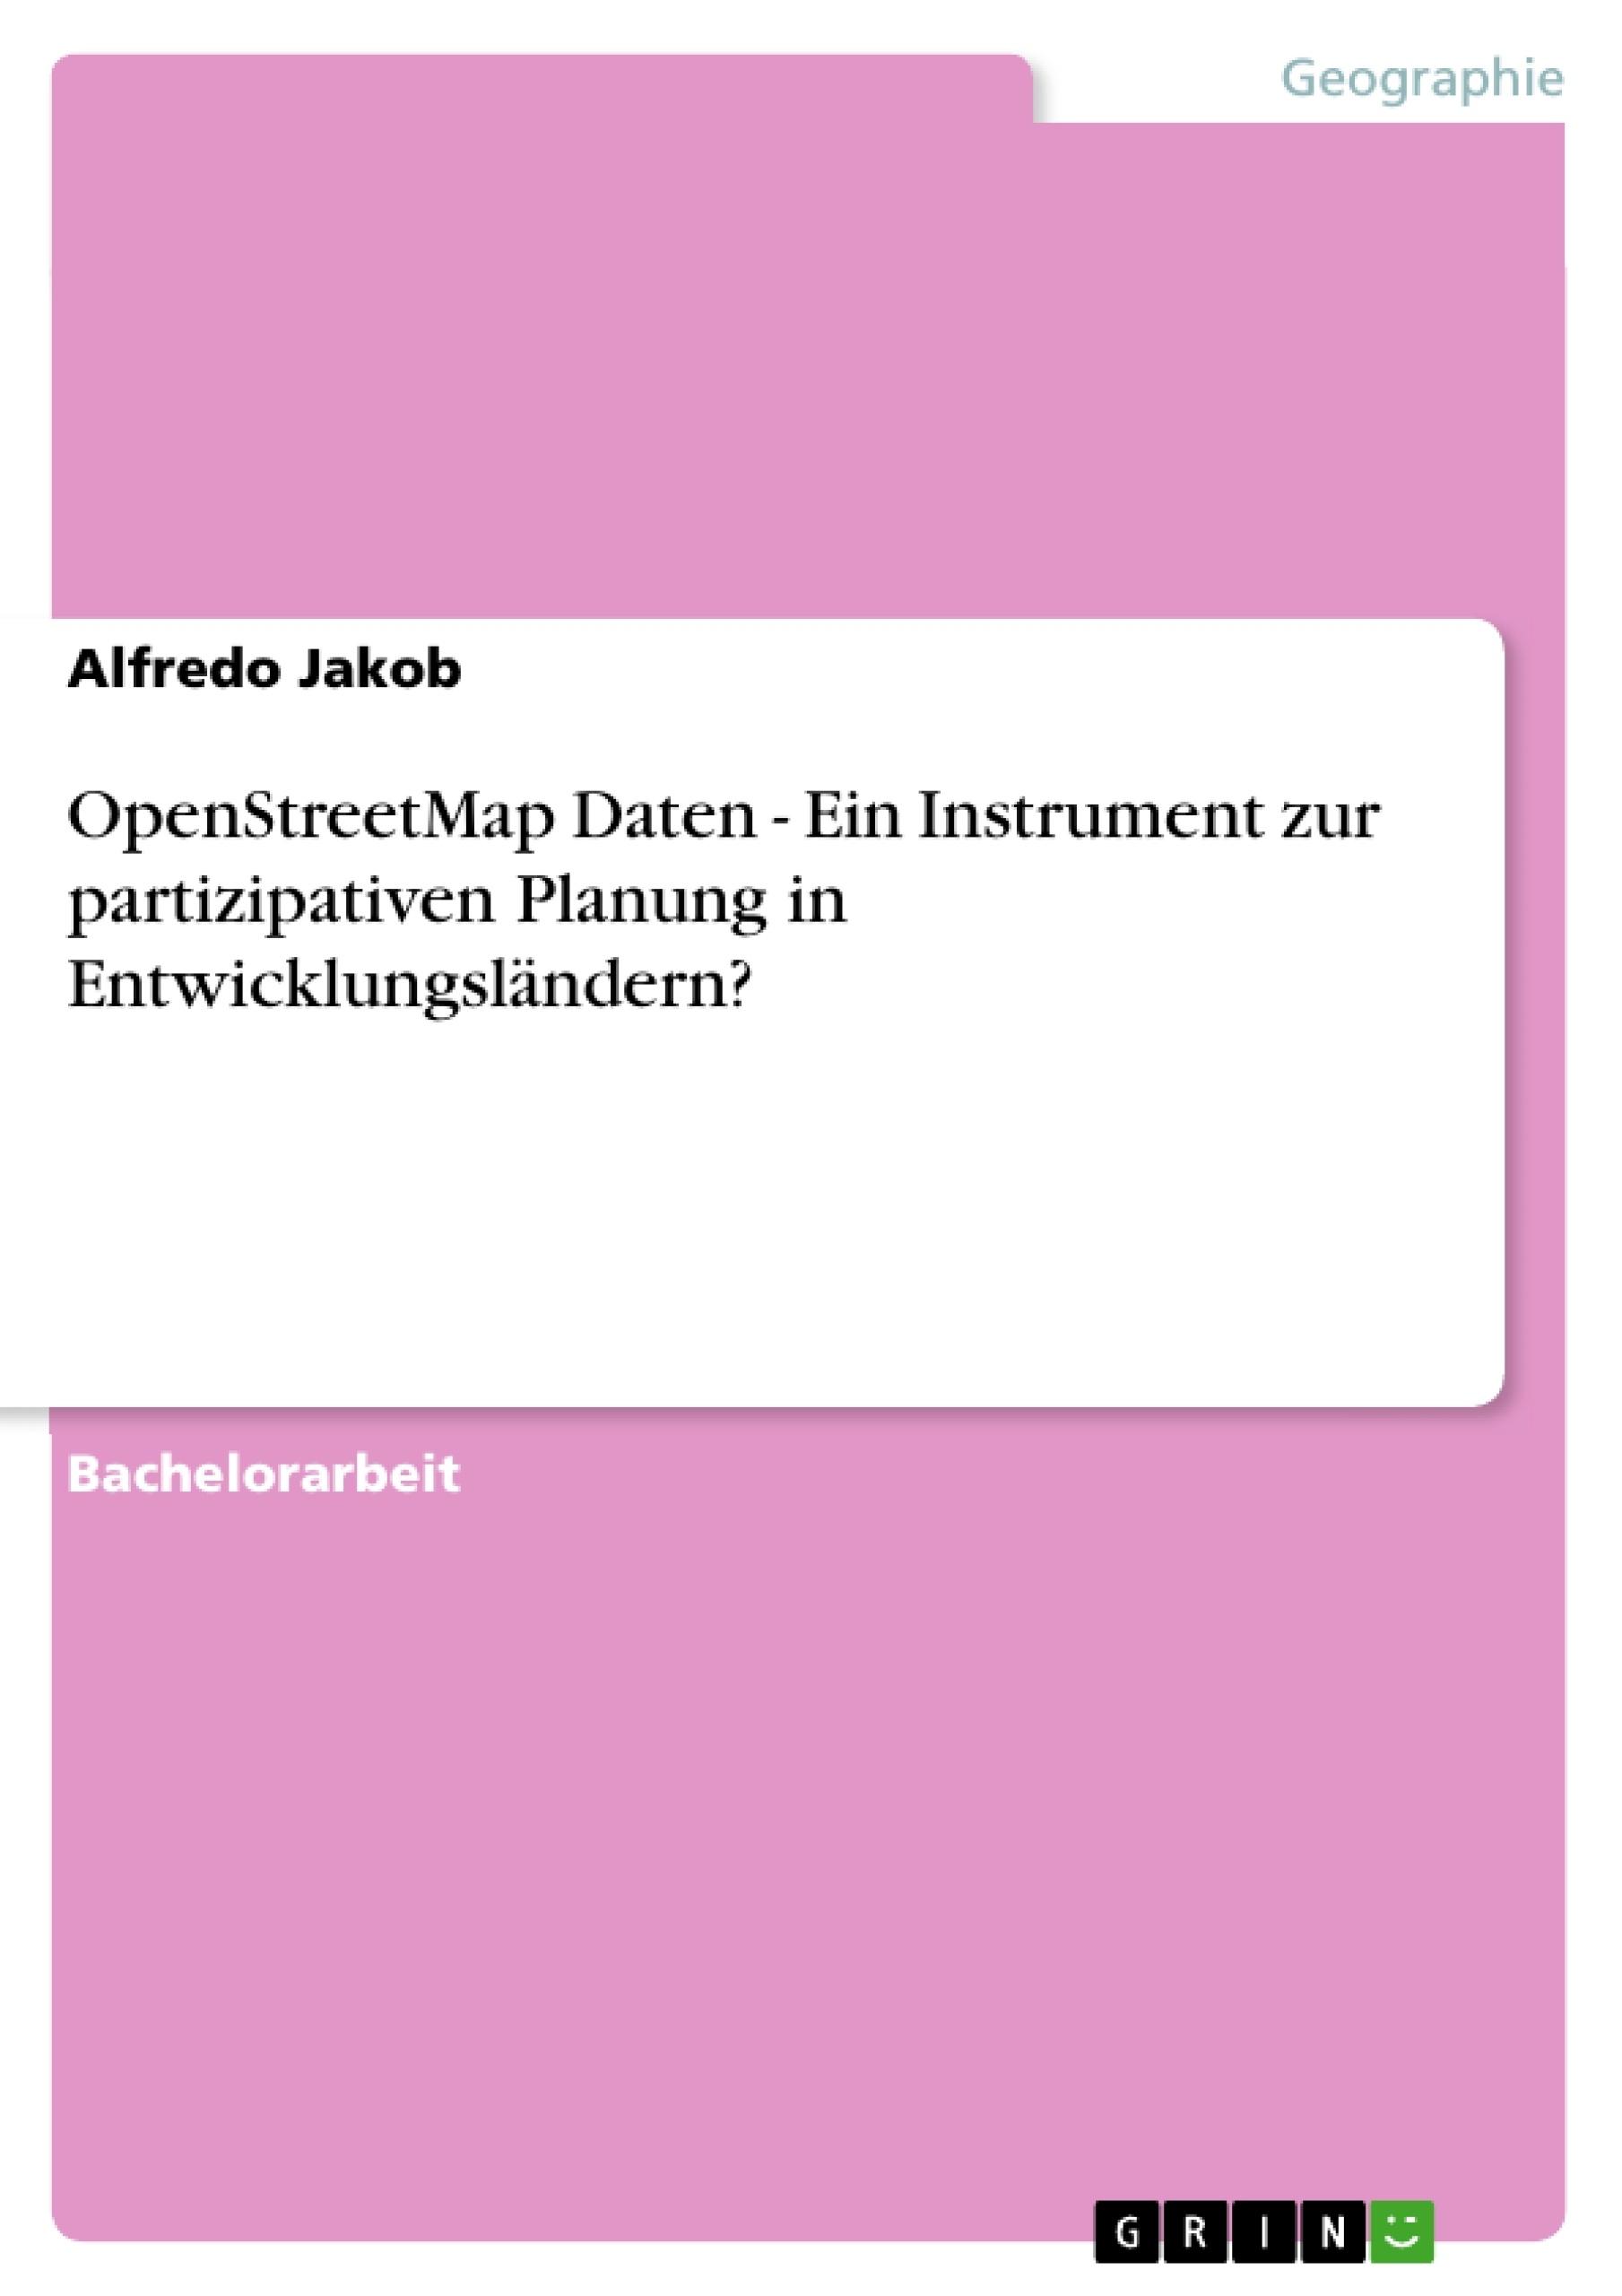 Titel: OpenStreetMap Daten - Ein Instrument zur partizipativen Planung in Entwicklungsländern?